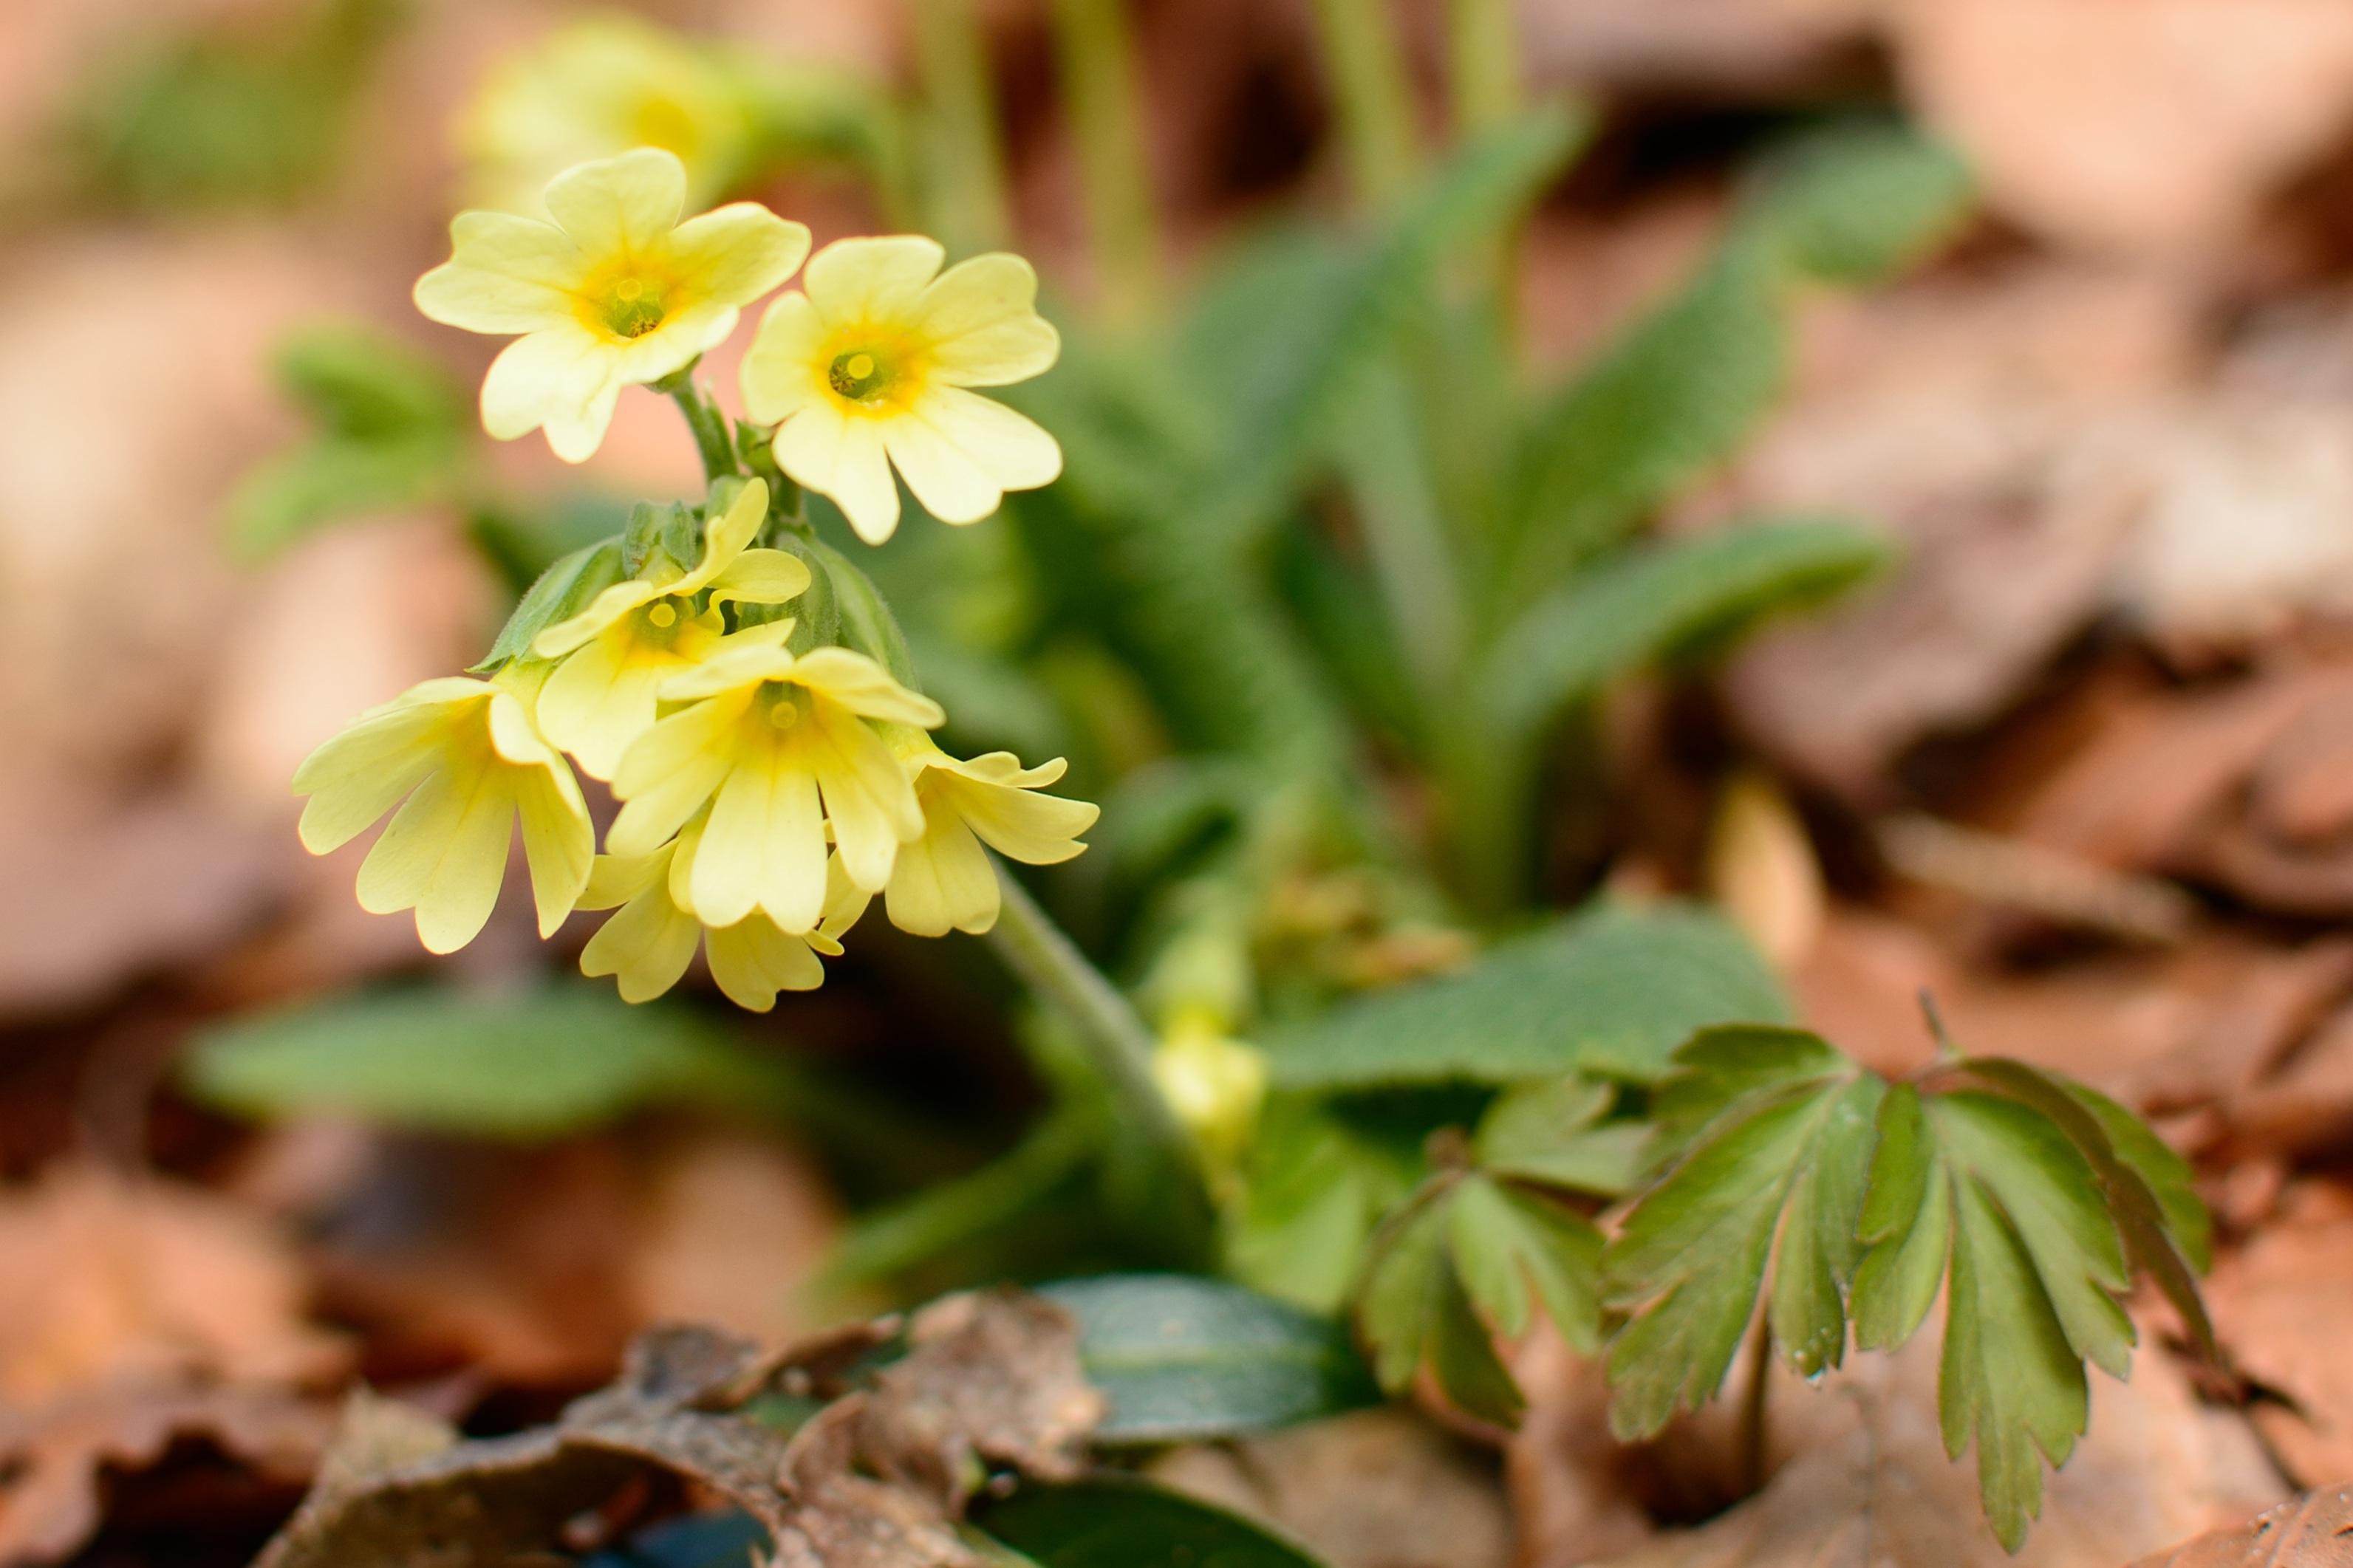 используются для лесные первоцветы фото с названиями фотографий пенокартоне